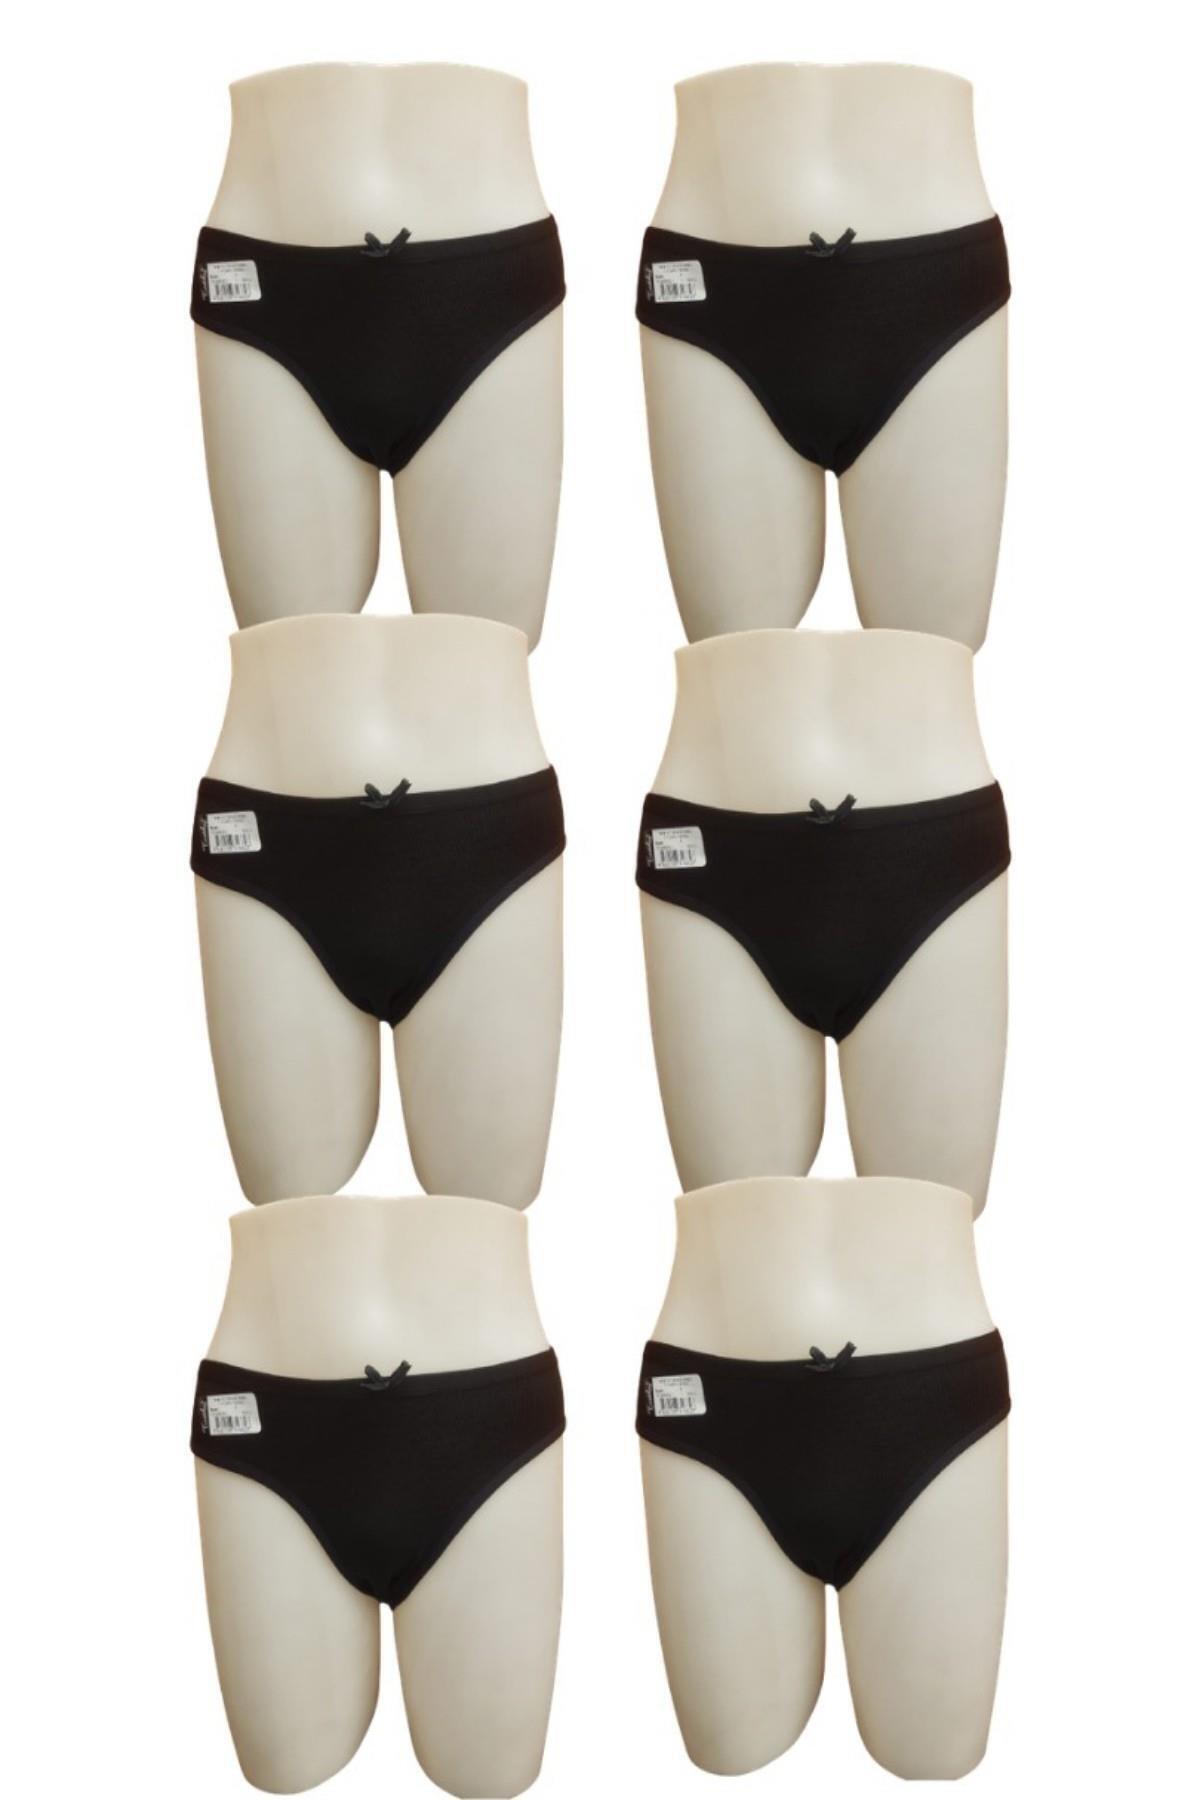 Tutku Kadın 6 Lı Paket Ince Bel Fiyonklu Bikini Külot 1